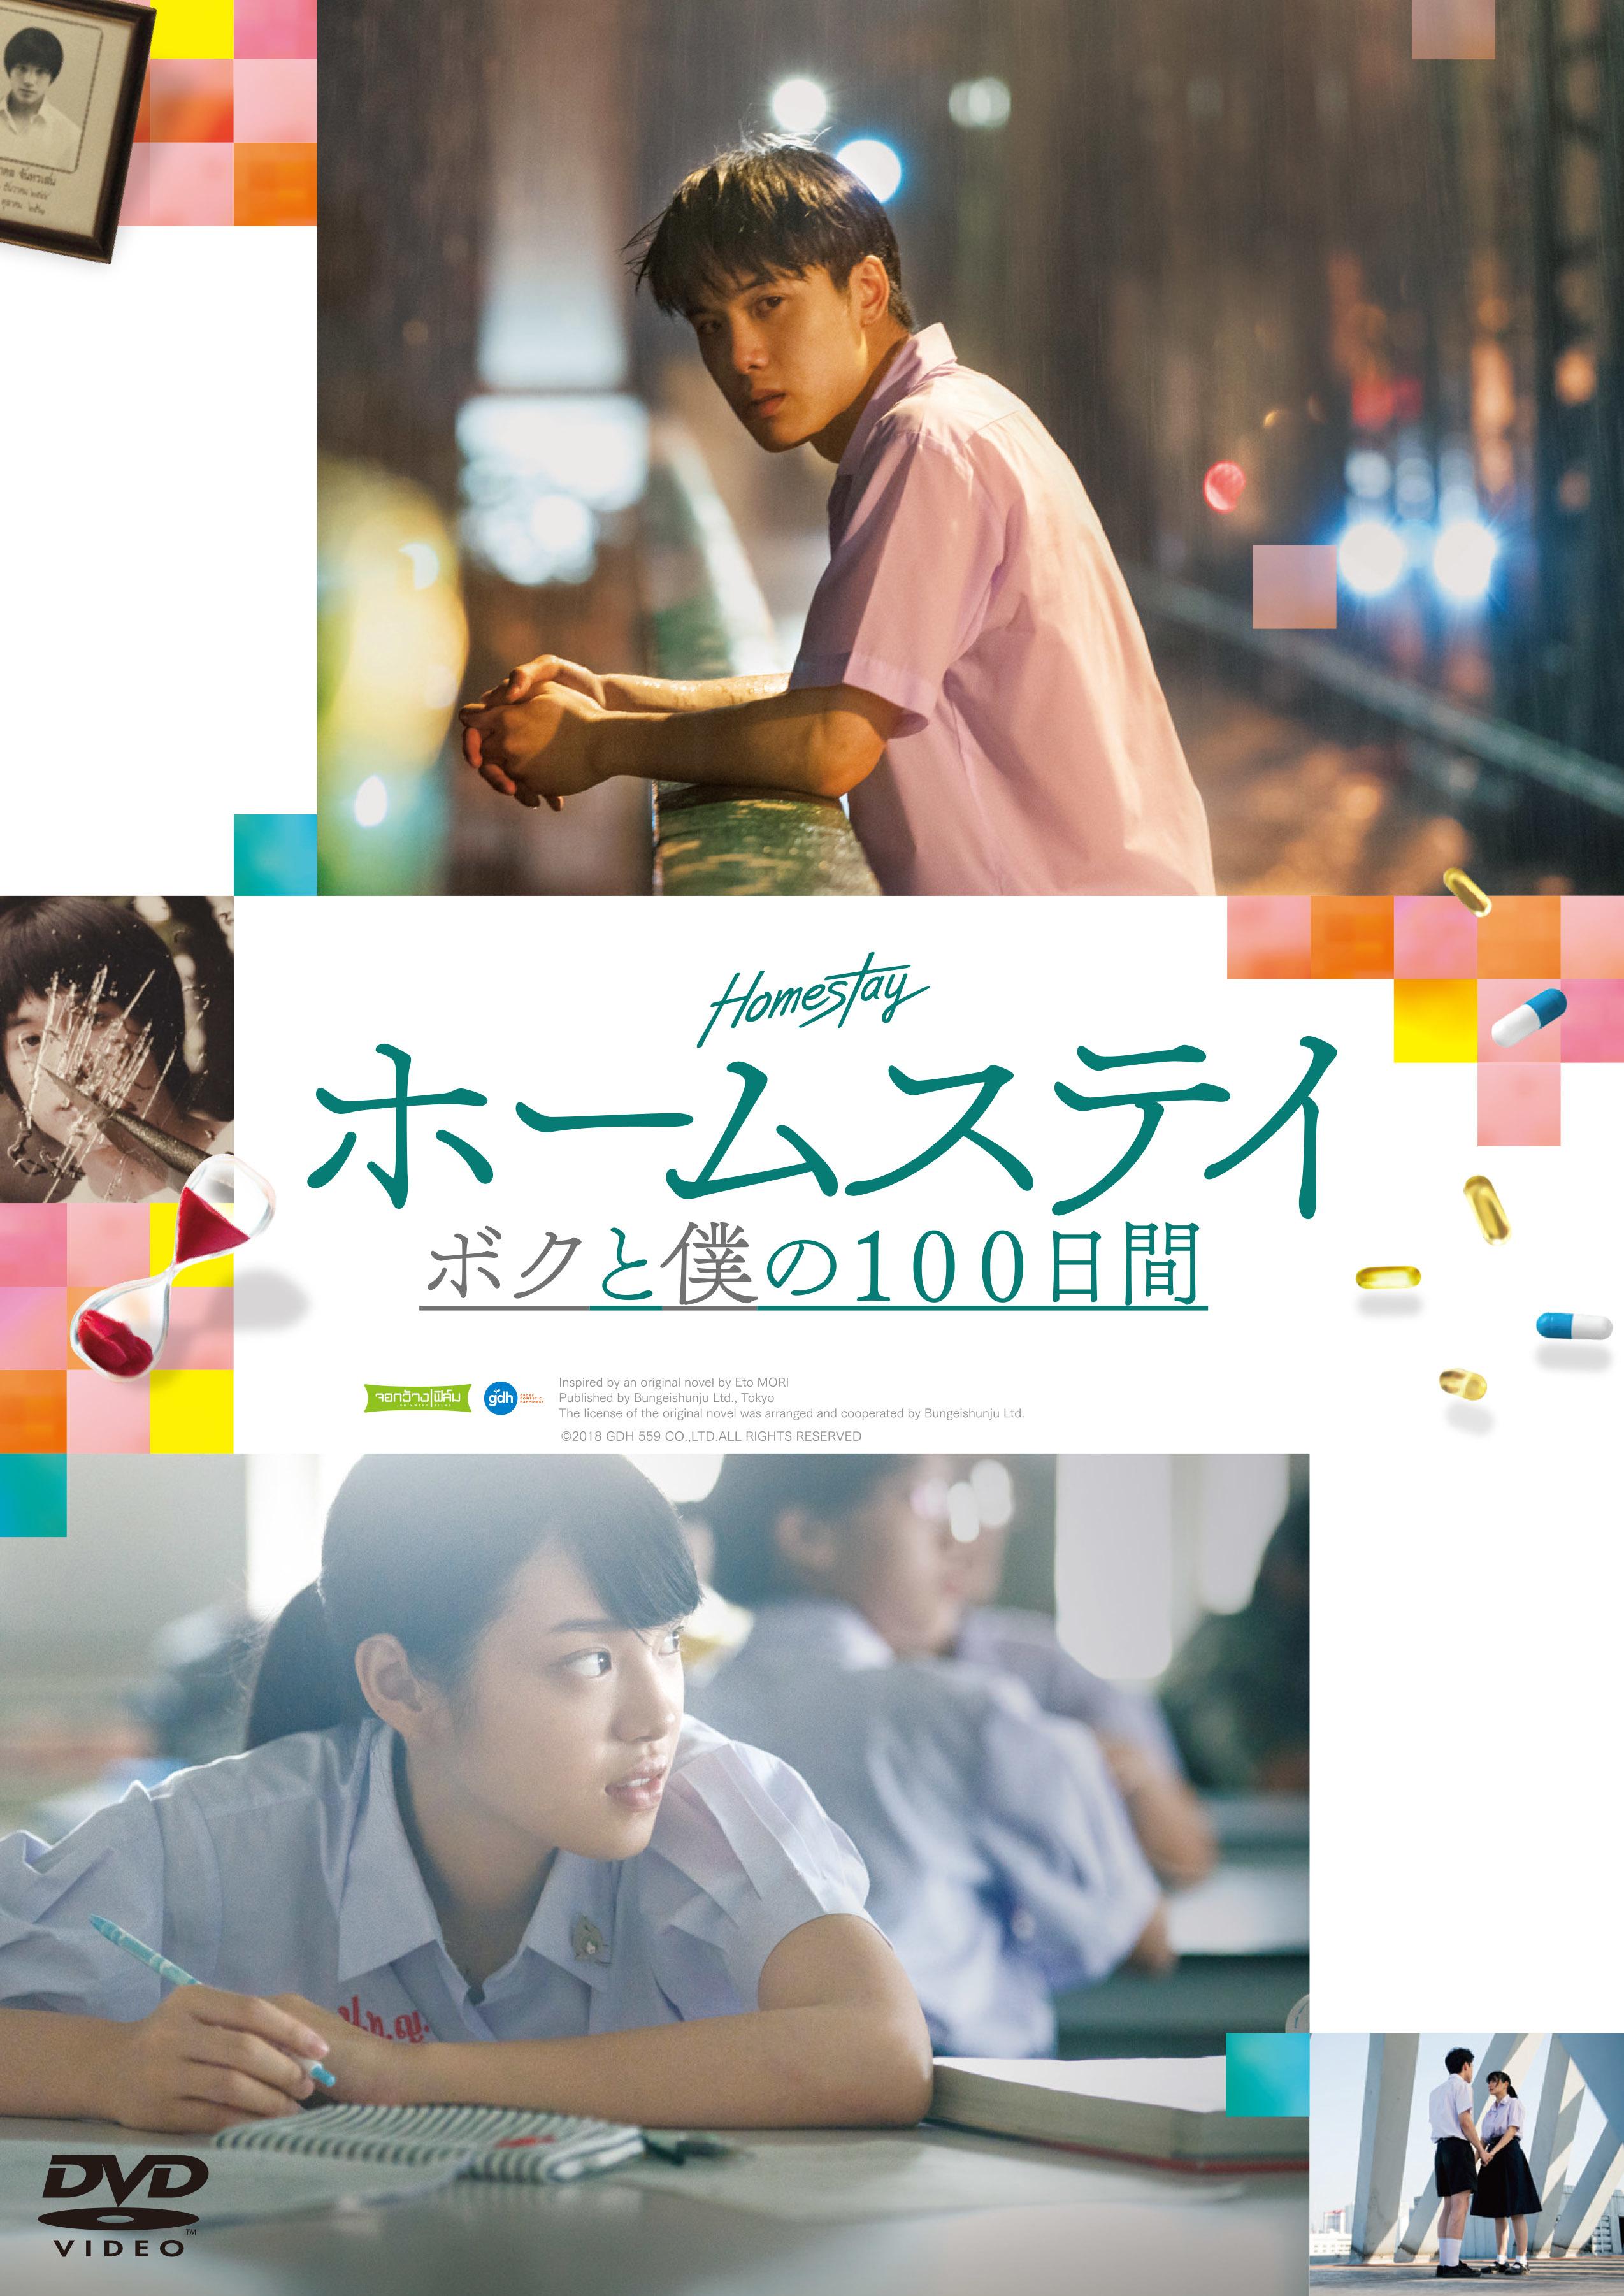 『ホームステイ ボクと僕の100日間』 (c)2018 GDH 559 CO.,LTD.ALL RIGHTS RESERVED